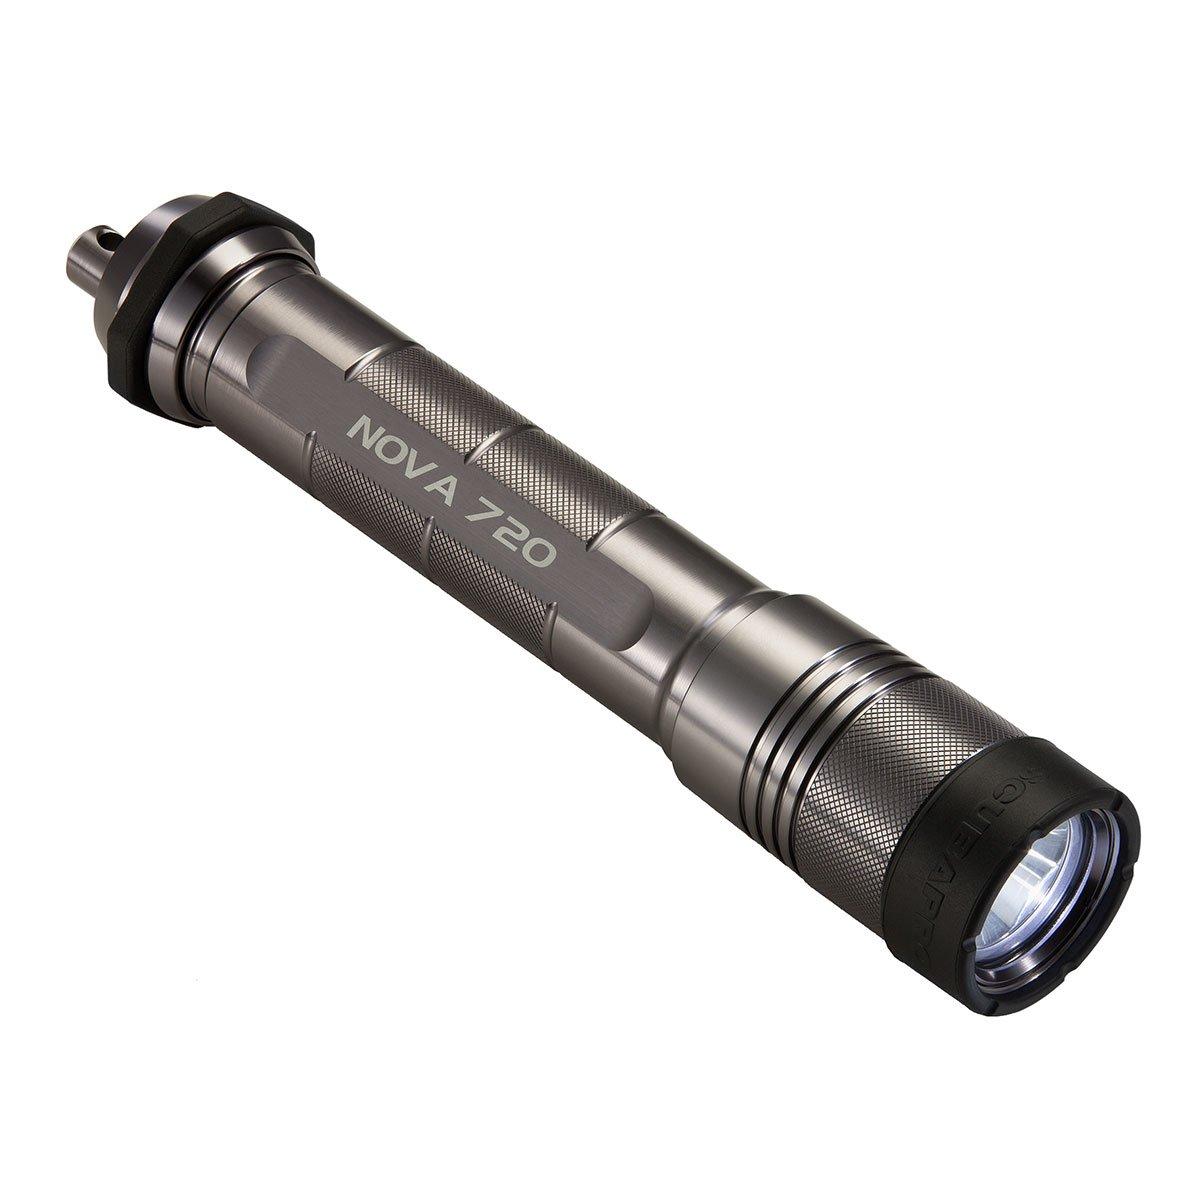 【スキューバプロ】NOVALIGHT 720(ノバ 720) LEDライト 300m 防水 30-221-000